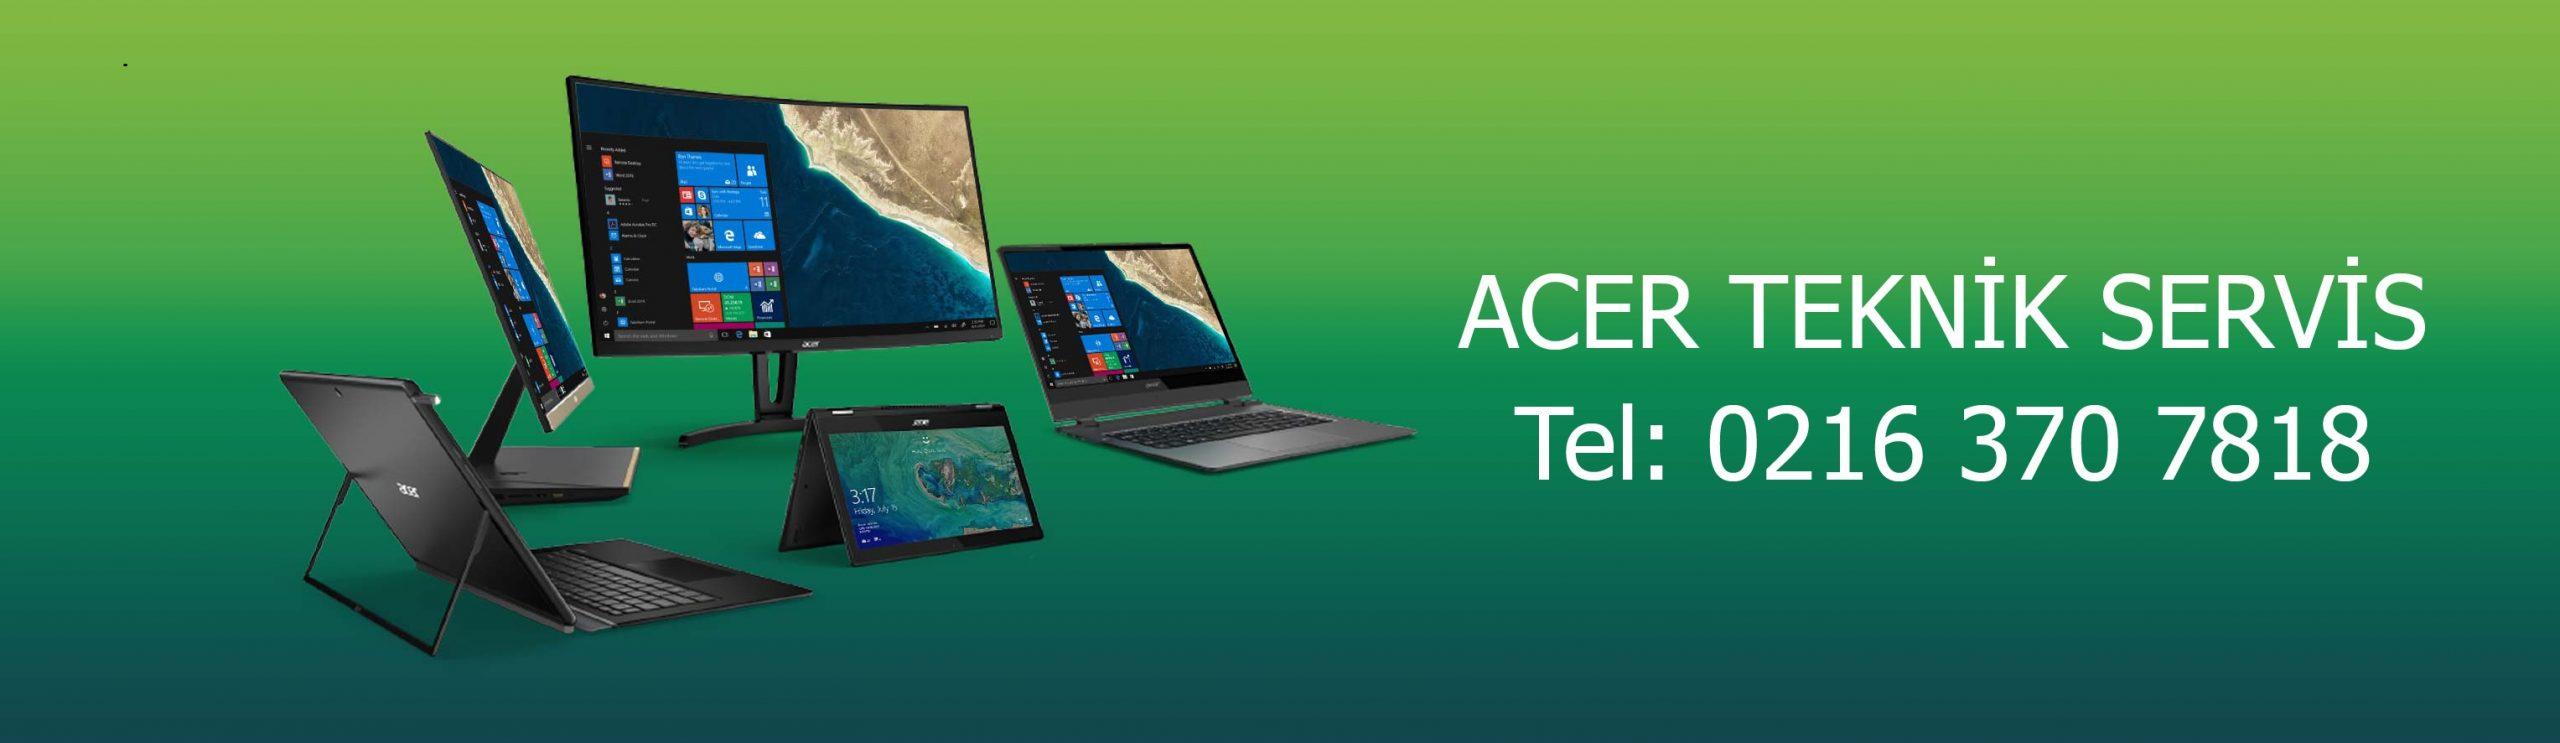 Acer Laptop Açılmıyor Işık Yanıp Sönüyor